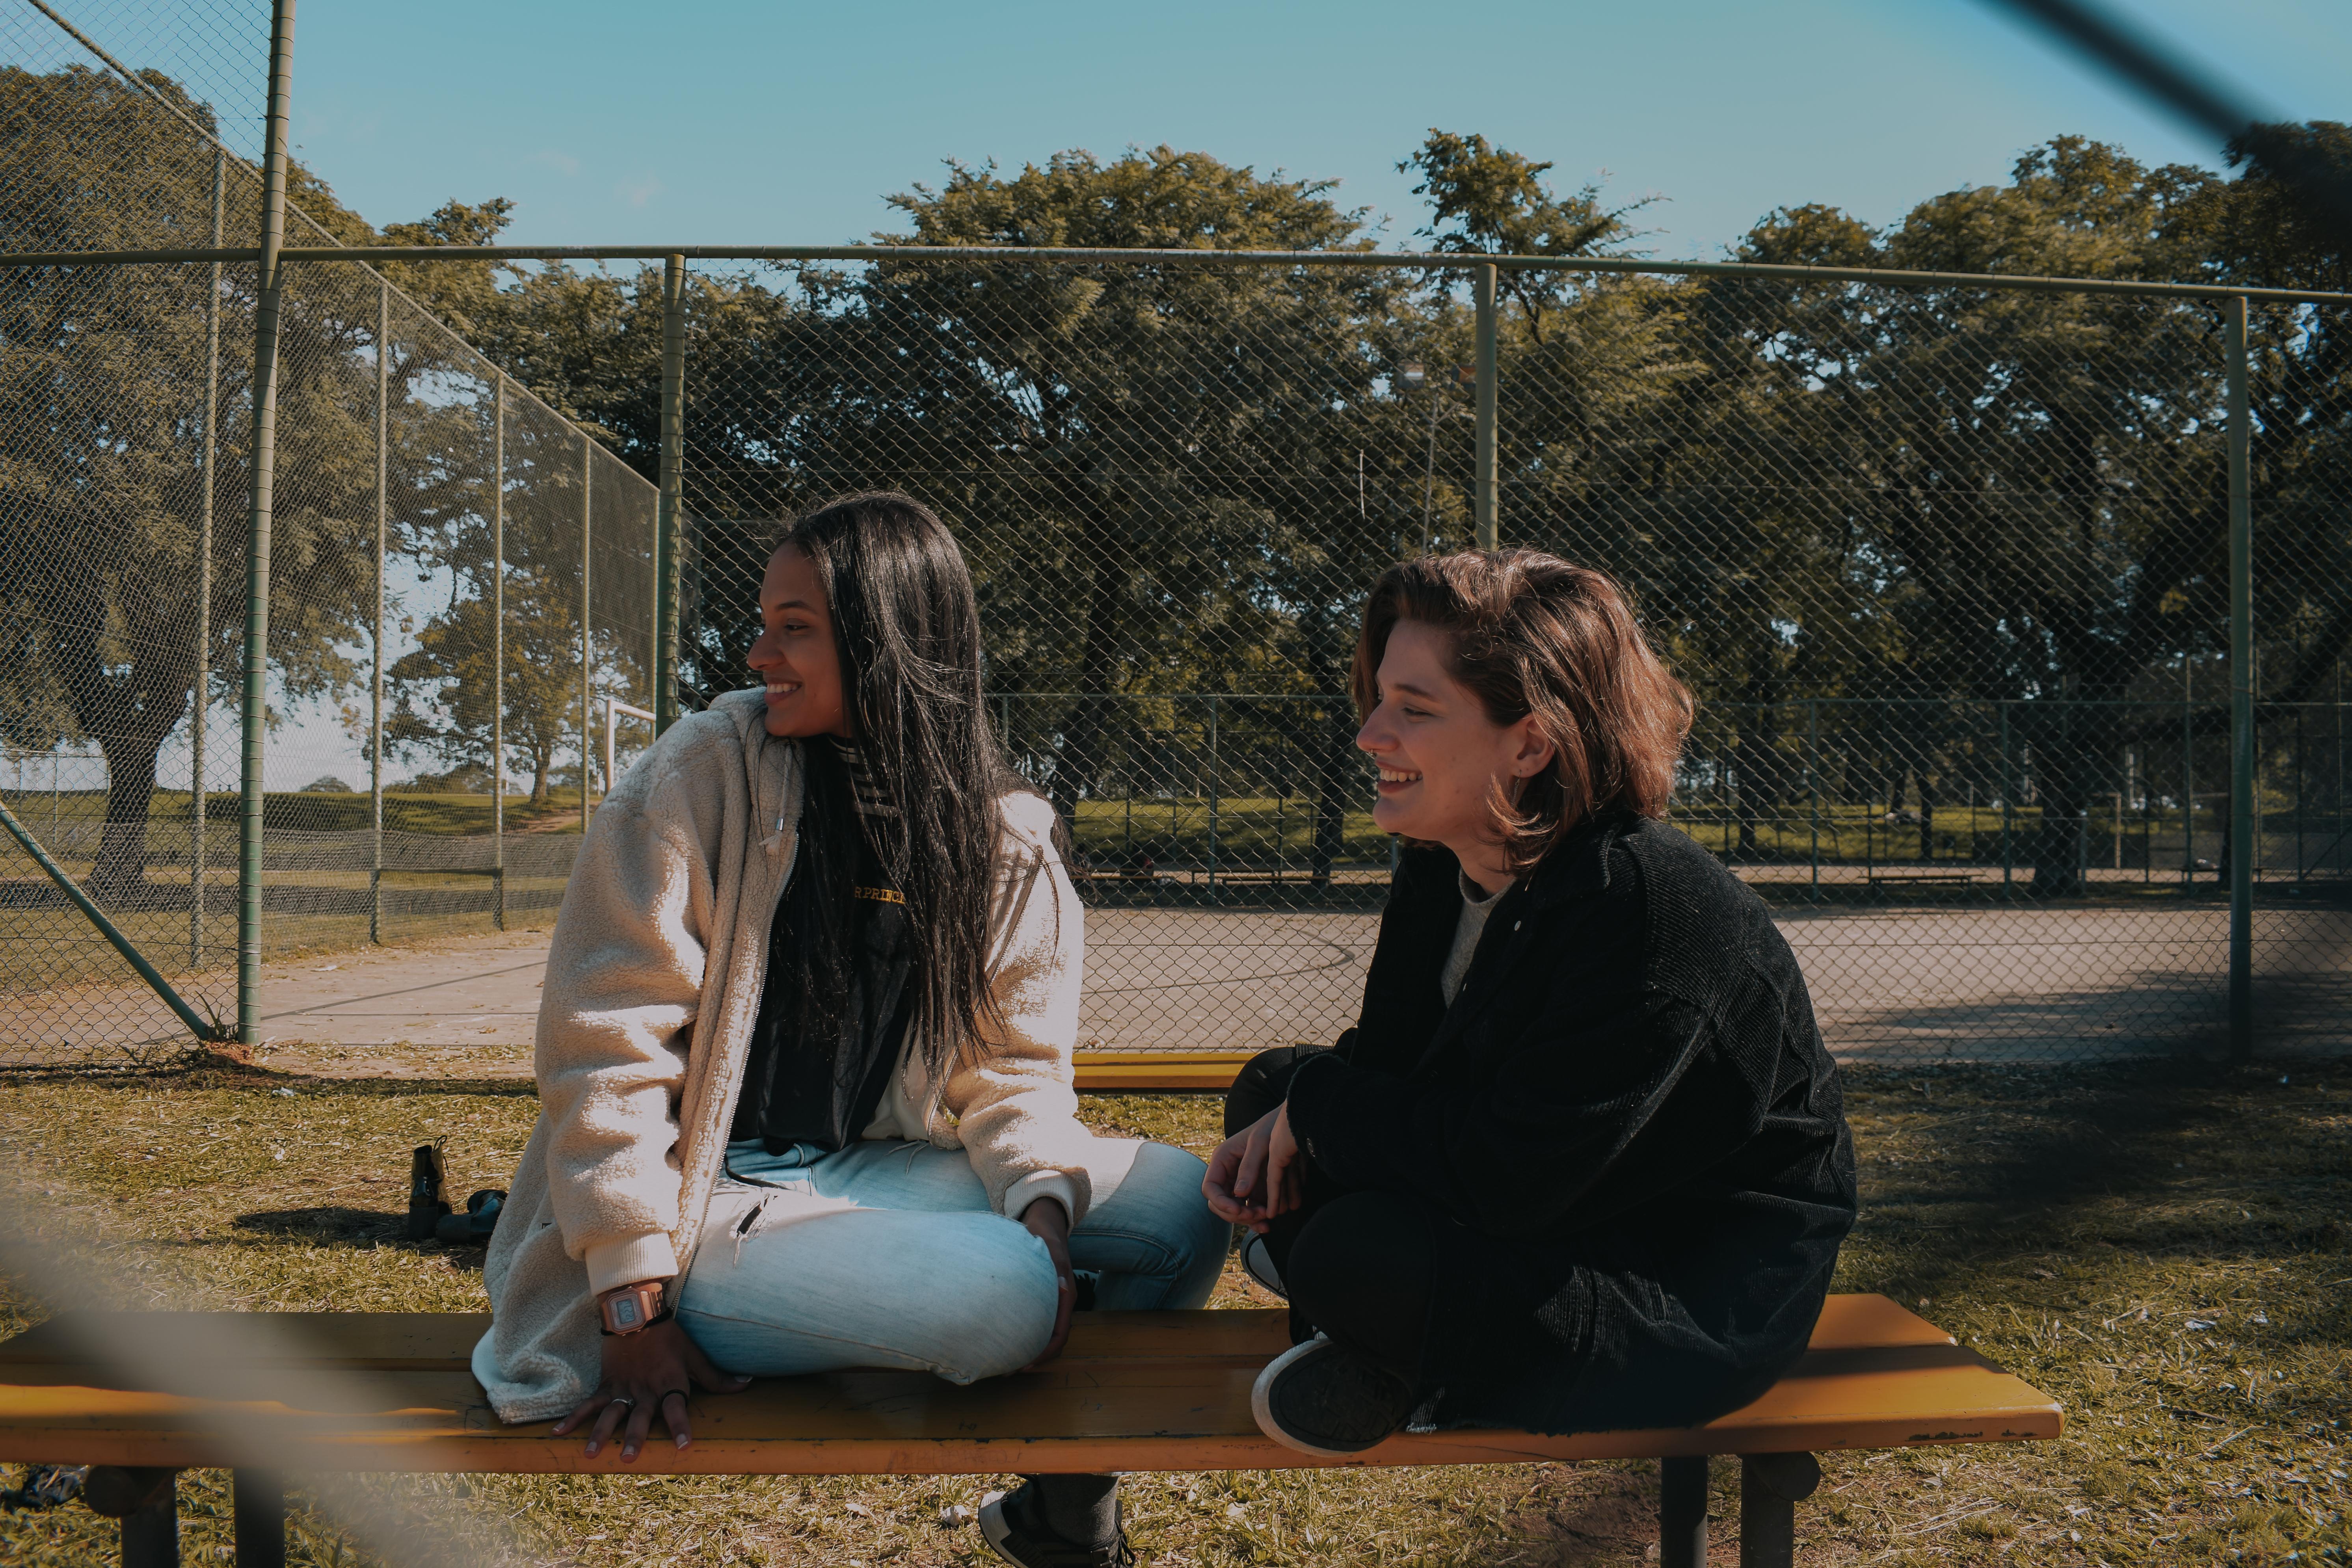 Mulheres LGBTs riem sentadas num banco de um parque